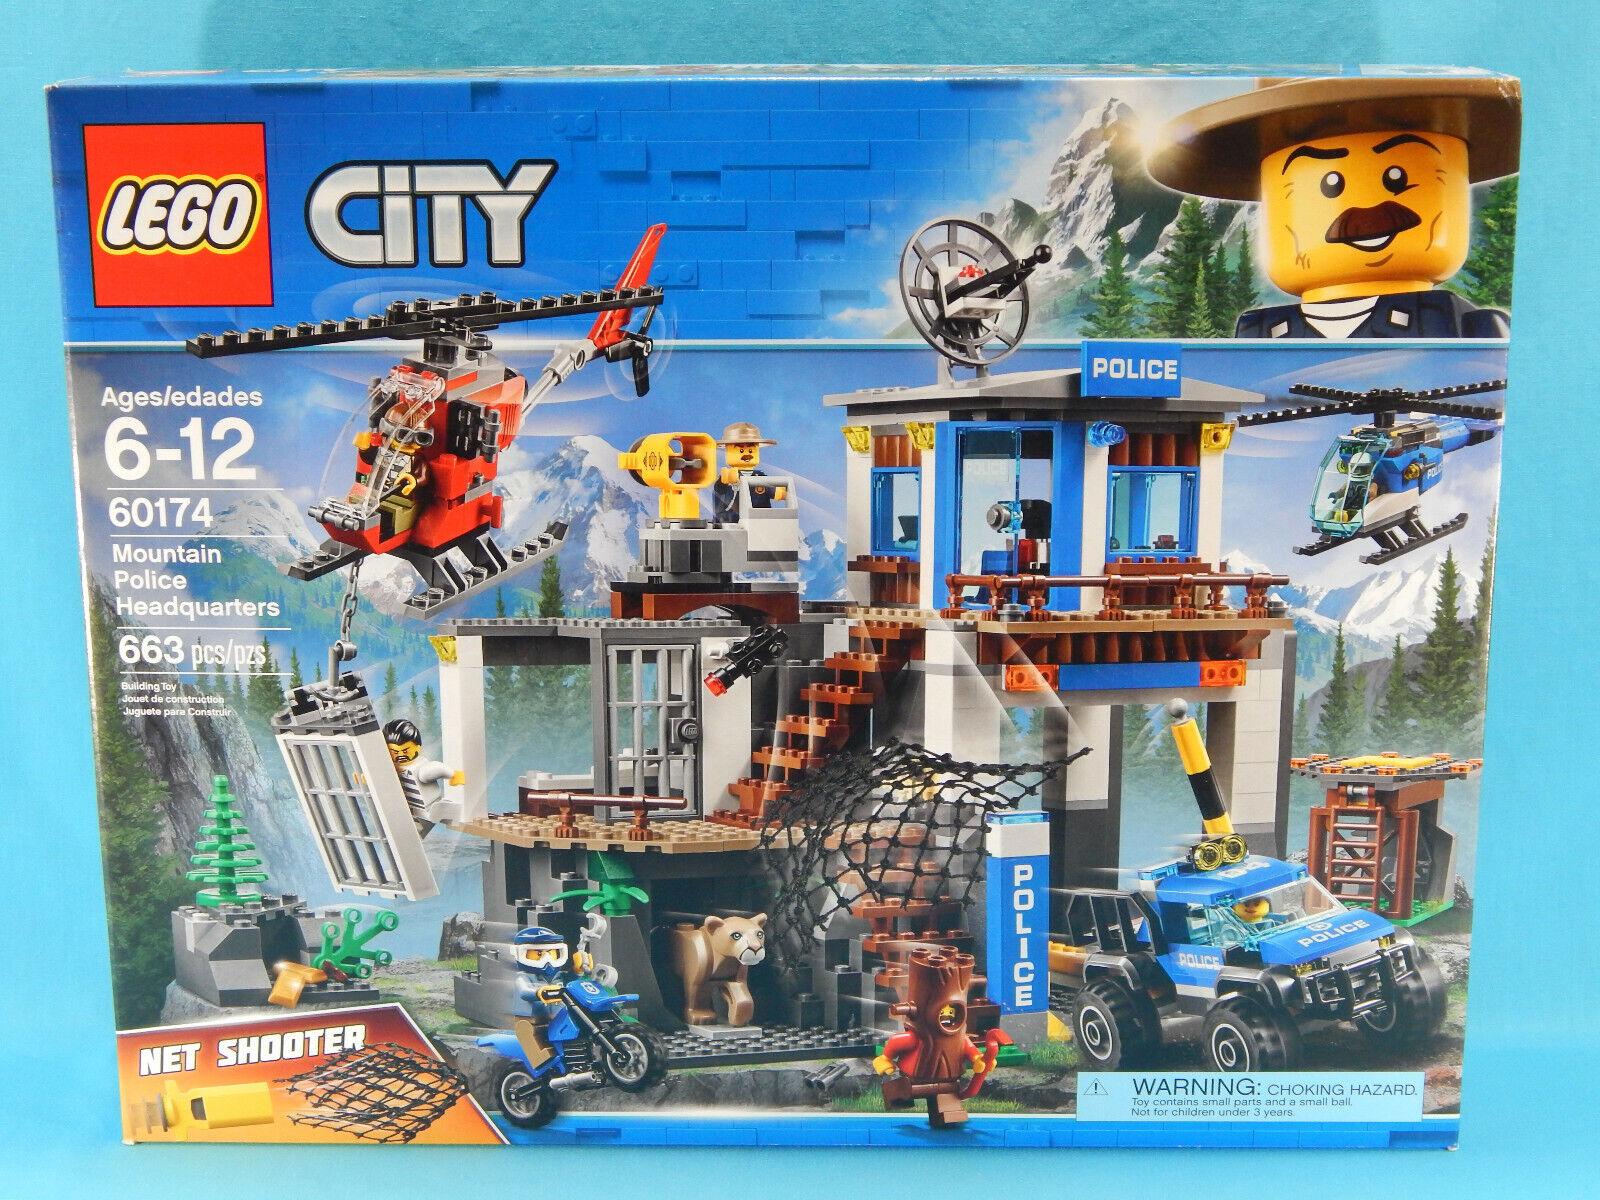 ordina ora con grande sconto e consegna gratuita Lego città 60174 Mountain polizia Headquarters Headquarters Headquarters 663pcs nuovo Sealed 2018  acquista online